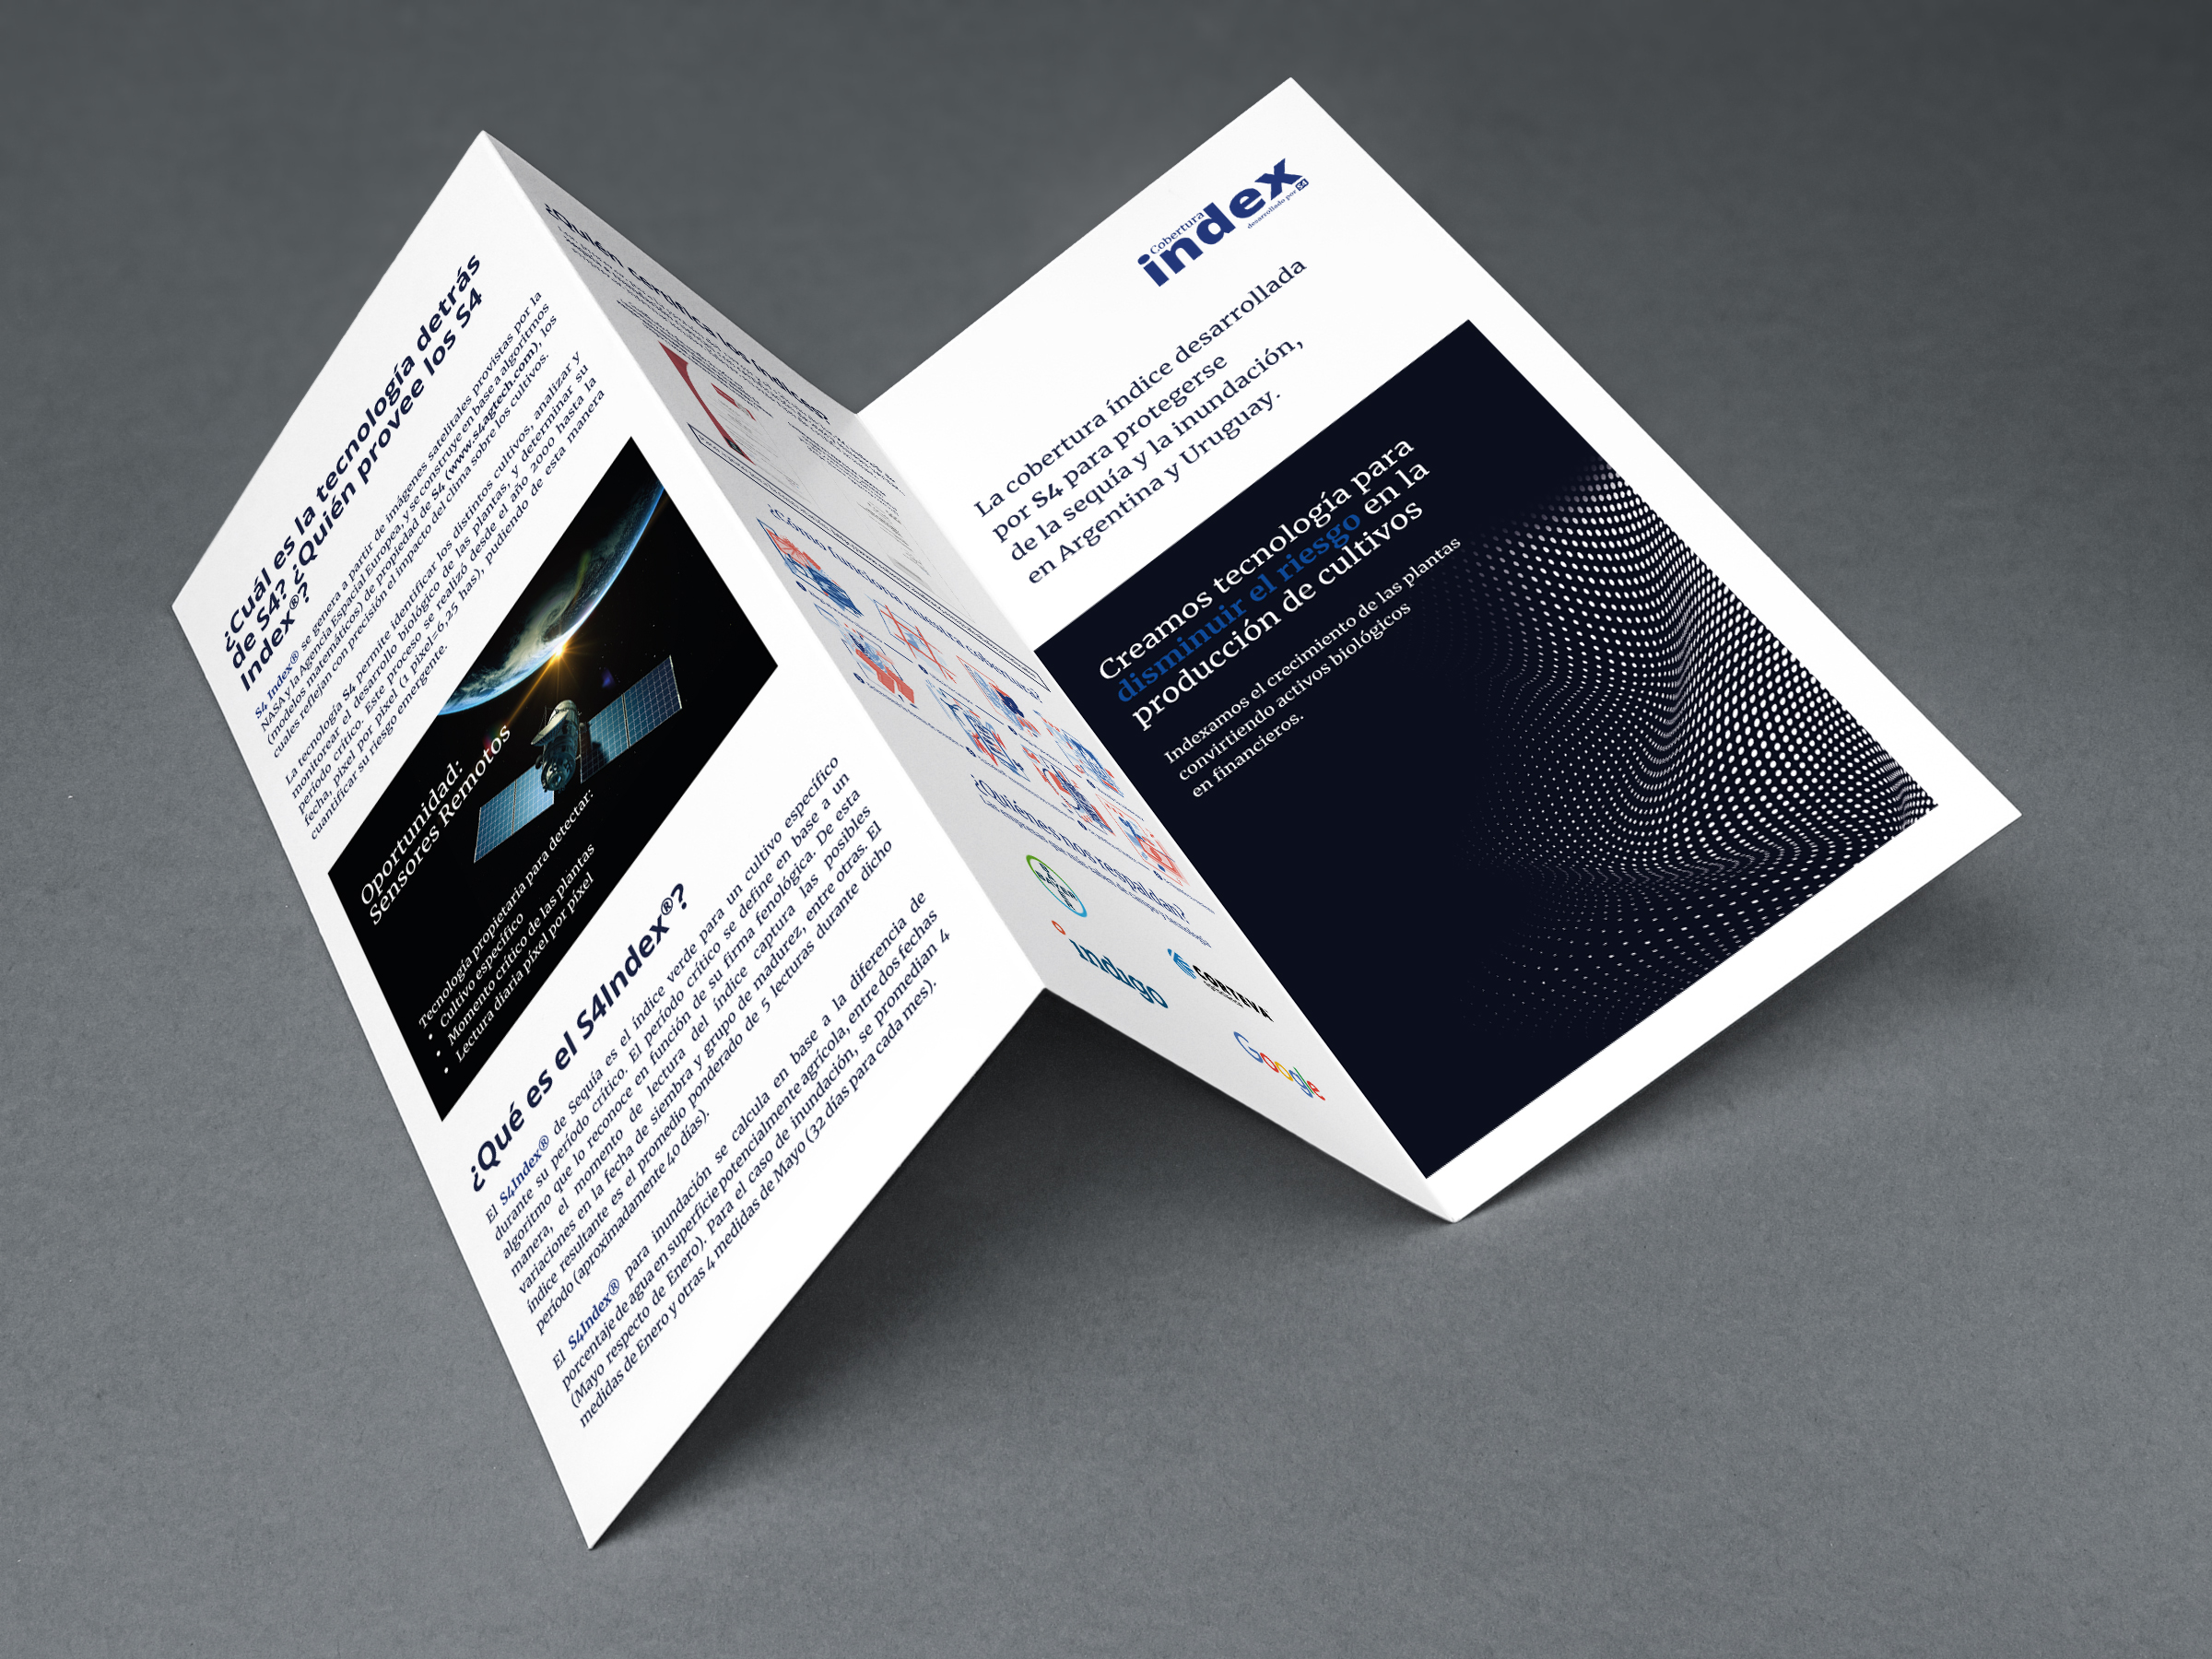 S4_brochure_triptico